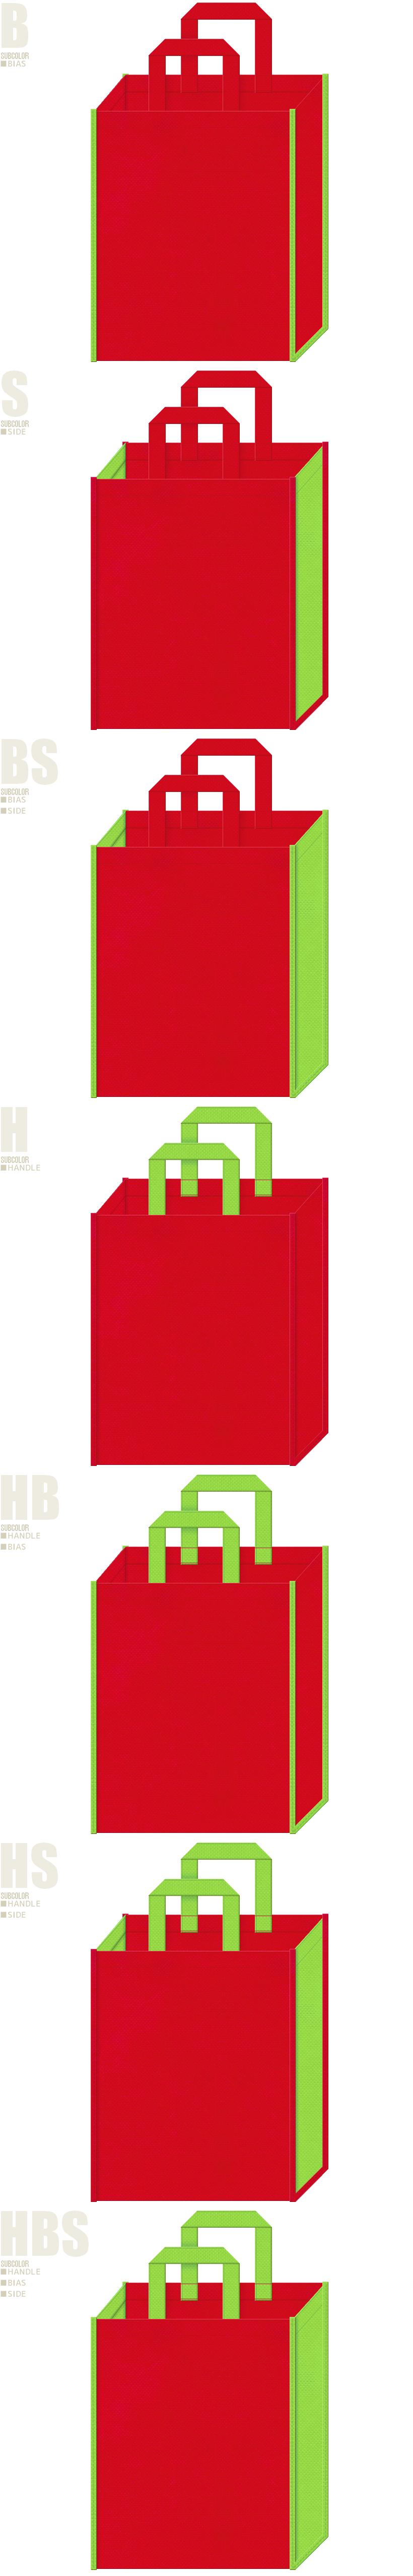 不織布トートバッグのデザイン:不織布カラーNo.35ワインレッドとNo.38ローングリーンの組み合わせ